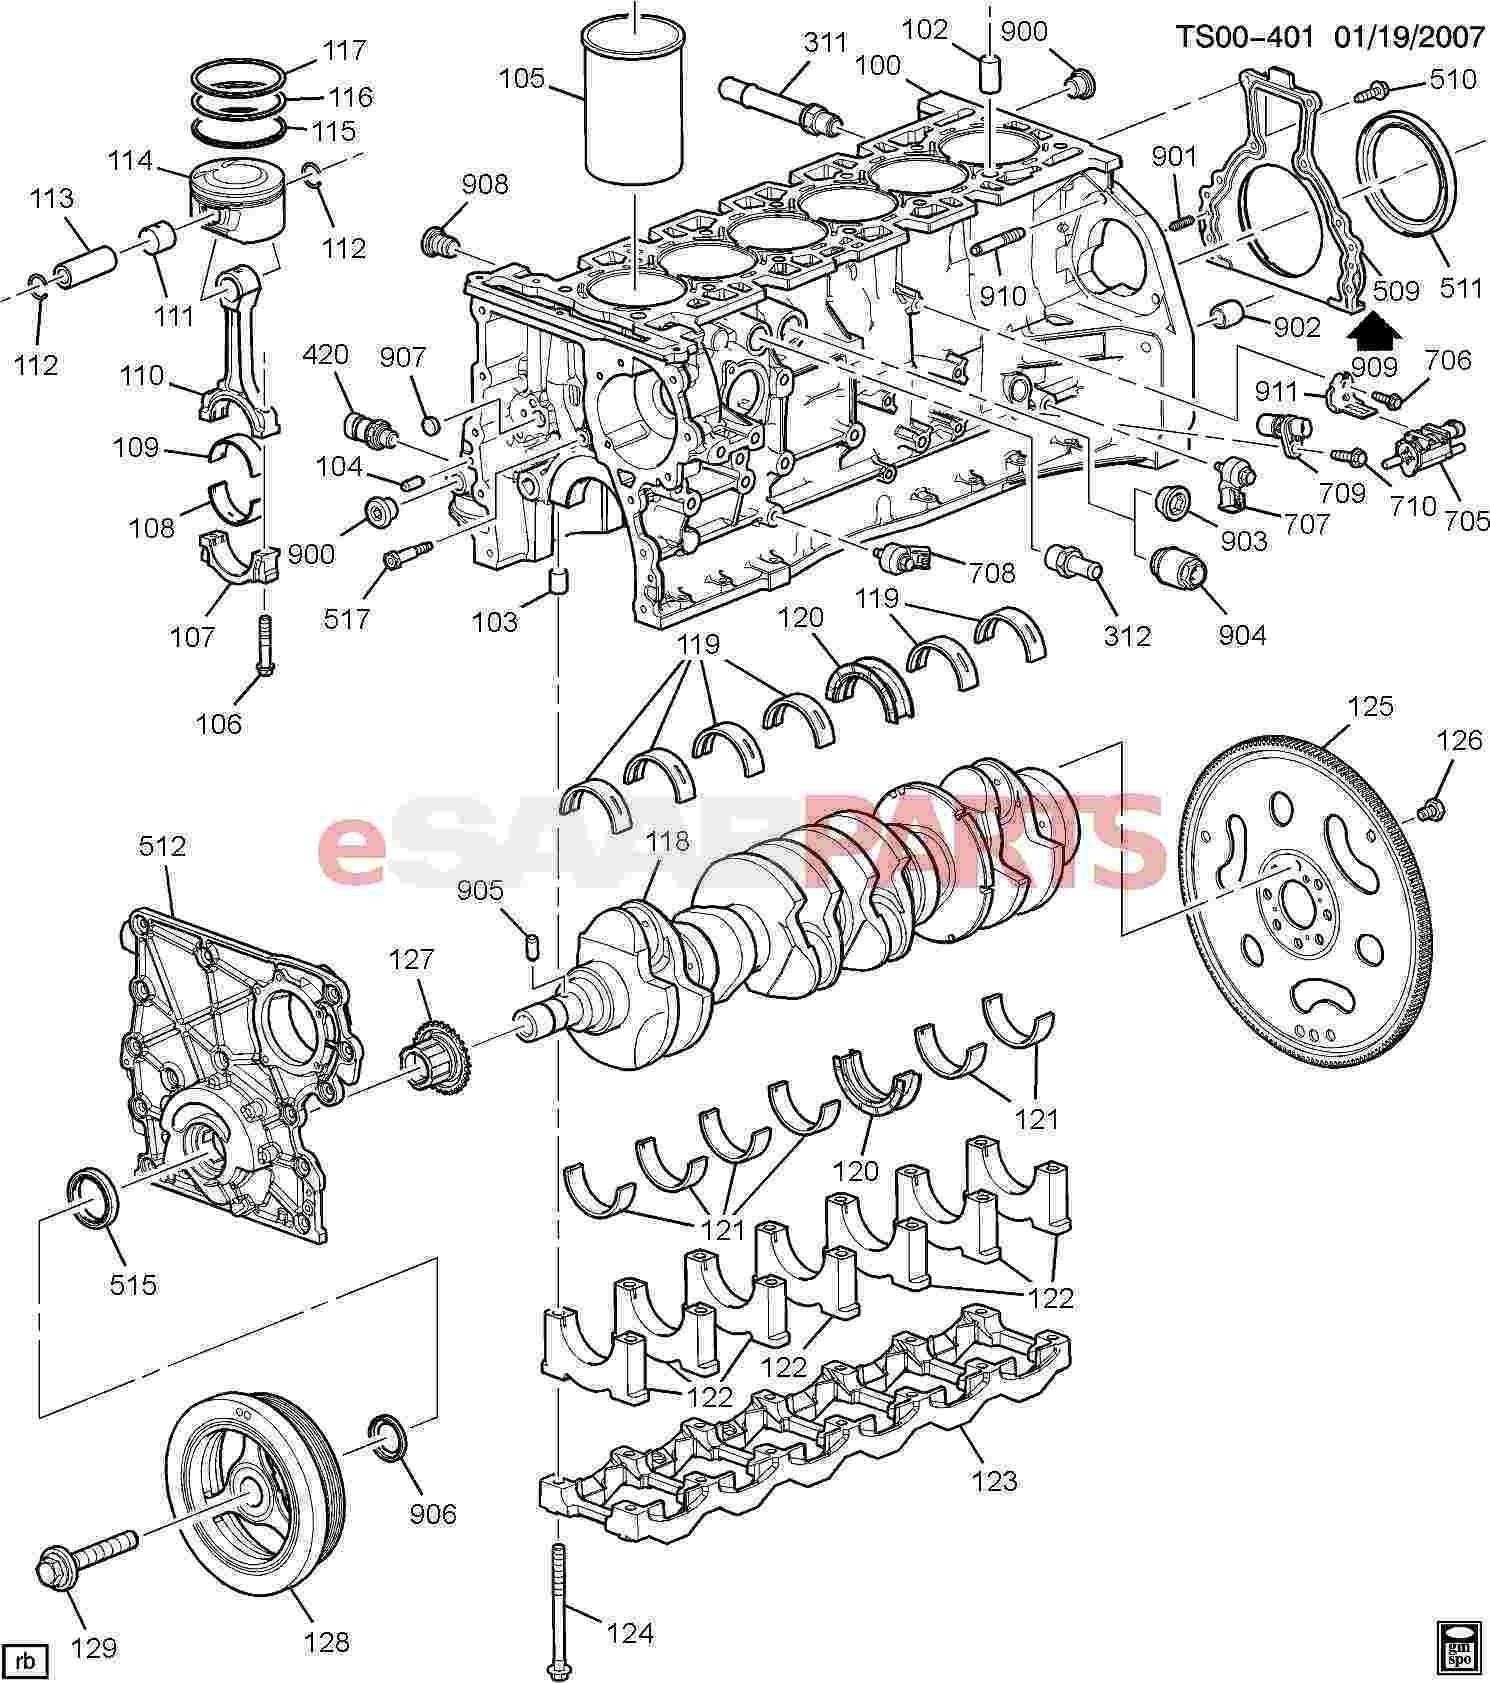 Car Door Parts Names Diagram Car Parts Labeled Diagram Of Car Door Parts Names Diagram